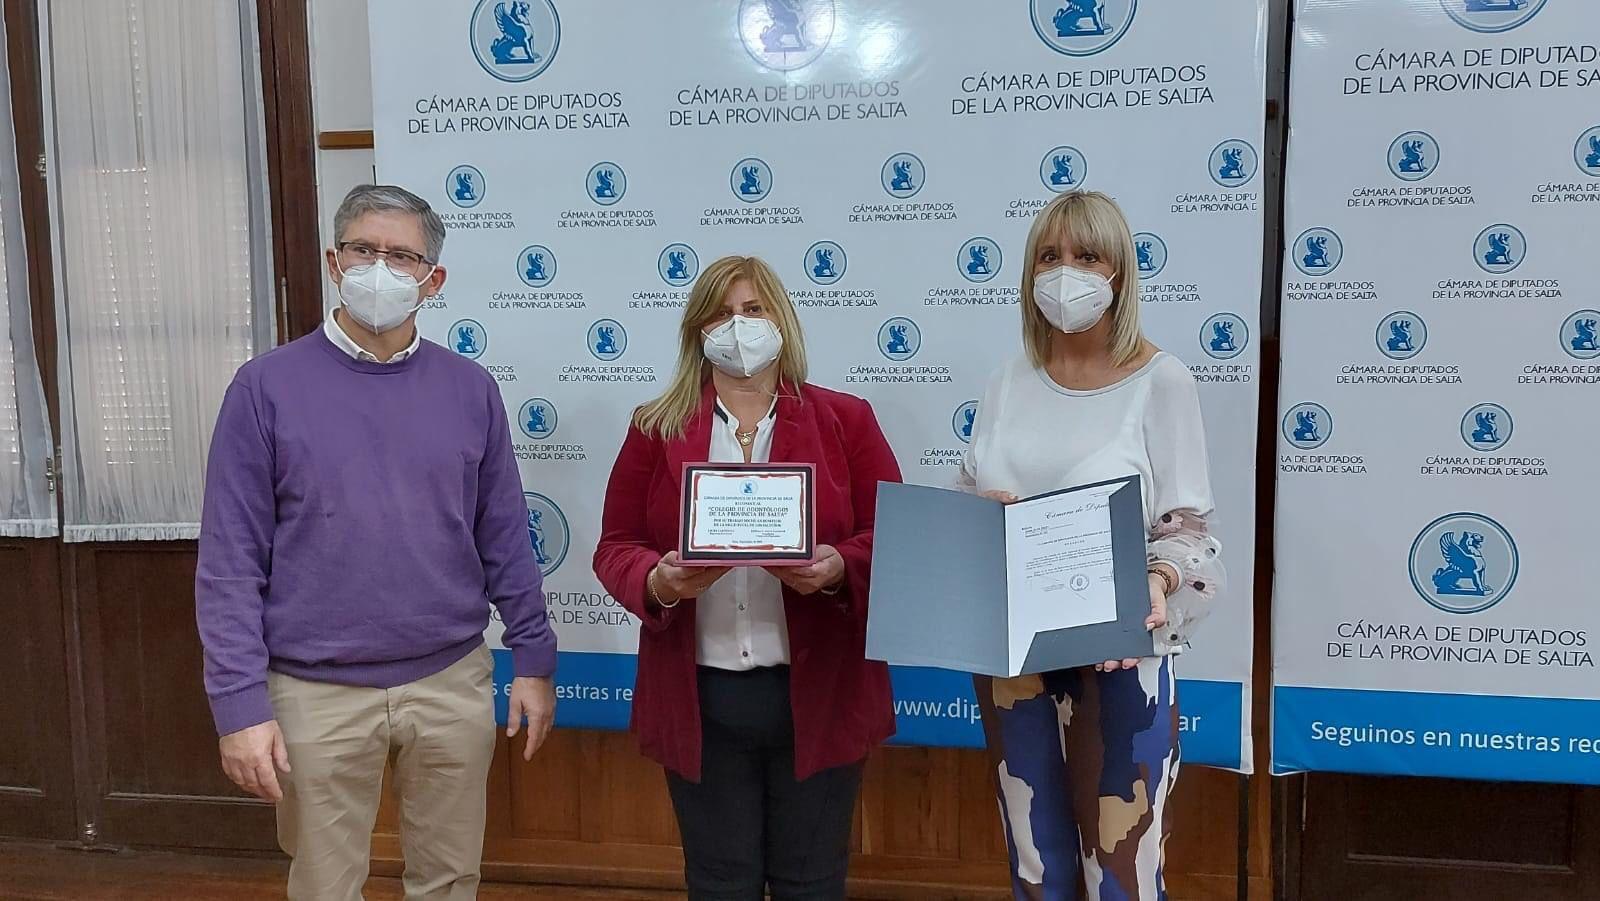 Paola Corai reconocida en Cámara de Diputados de Salta